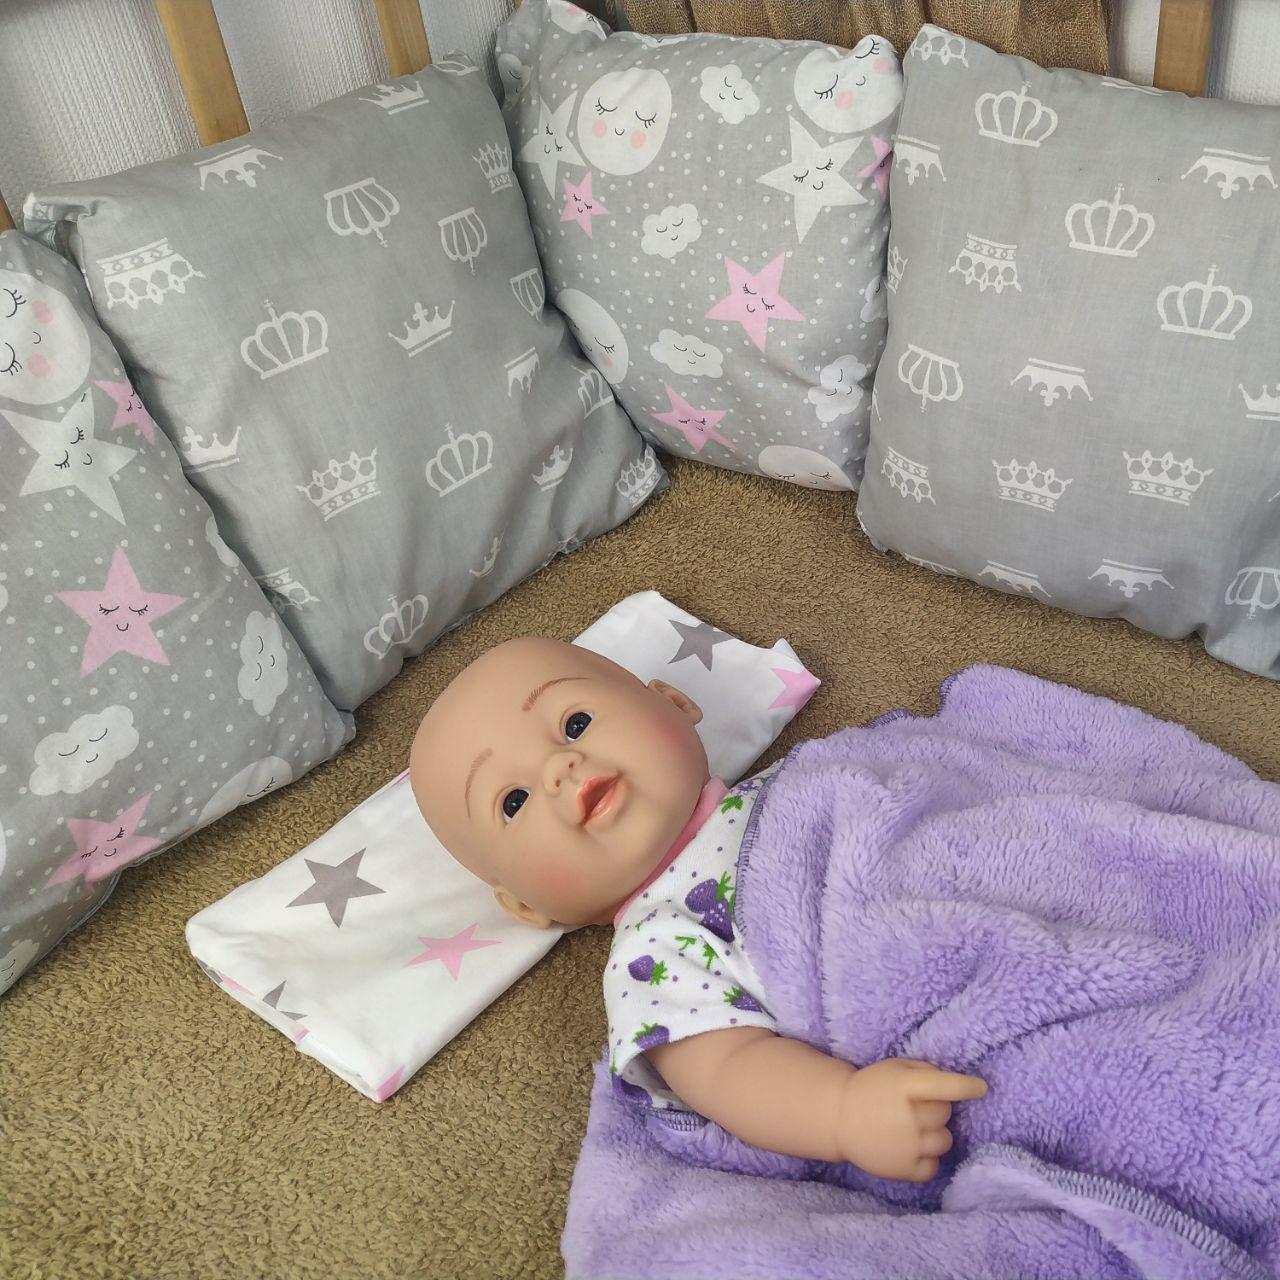 Защитные бортики-подушки  в детскую кроватку | Захисні бортики-подушки в дитяче ліжечко